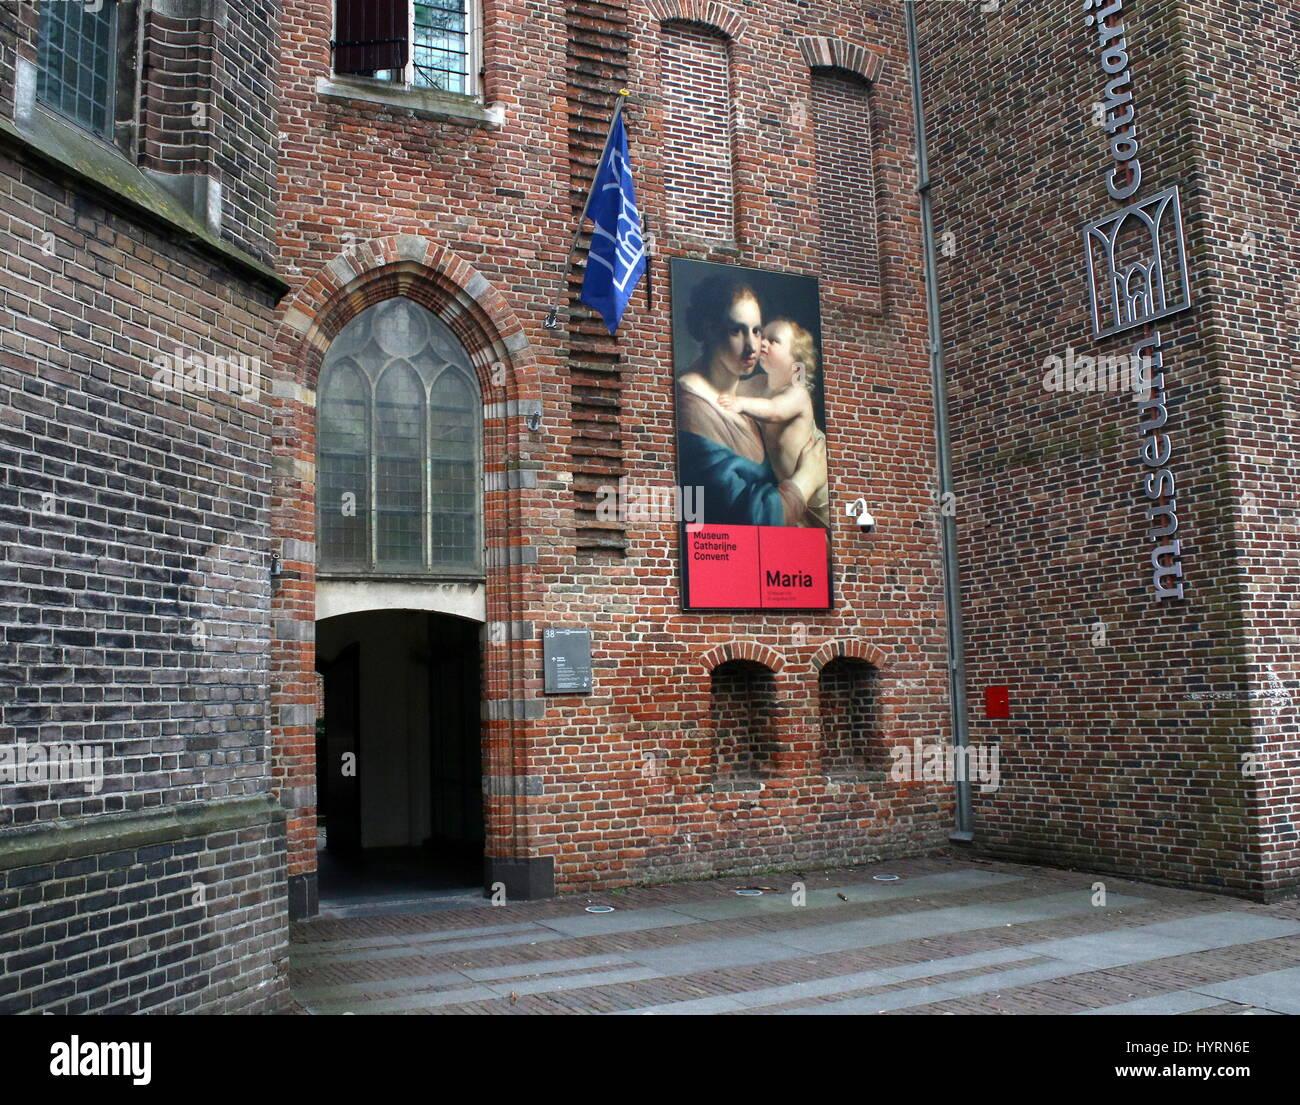 Ingresso al Museo Catharijneconvent (St. Catherine Convent Museum, il museo di arte religiosa a Utrecht, Paesi Bassi. Immagini Stock